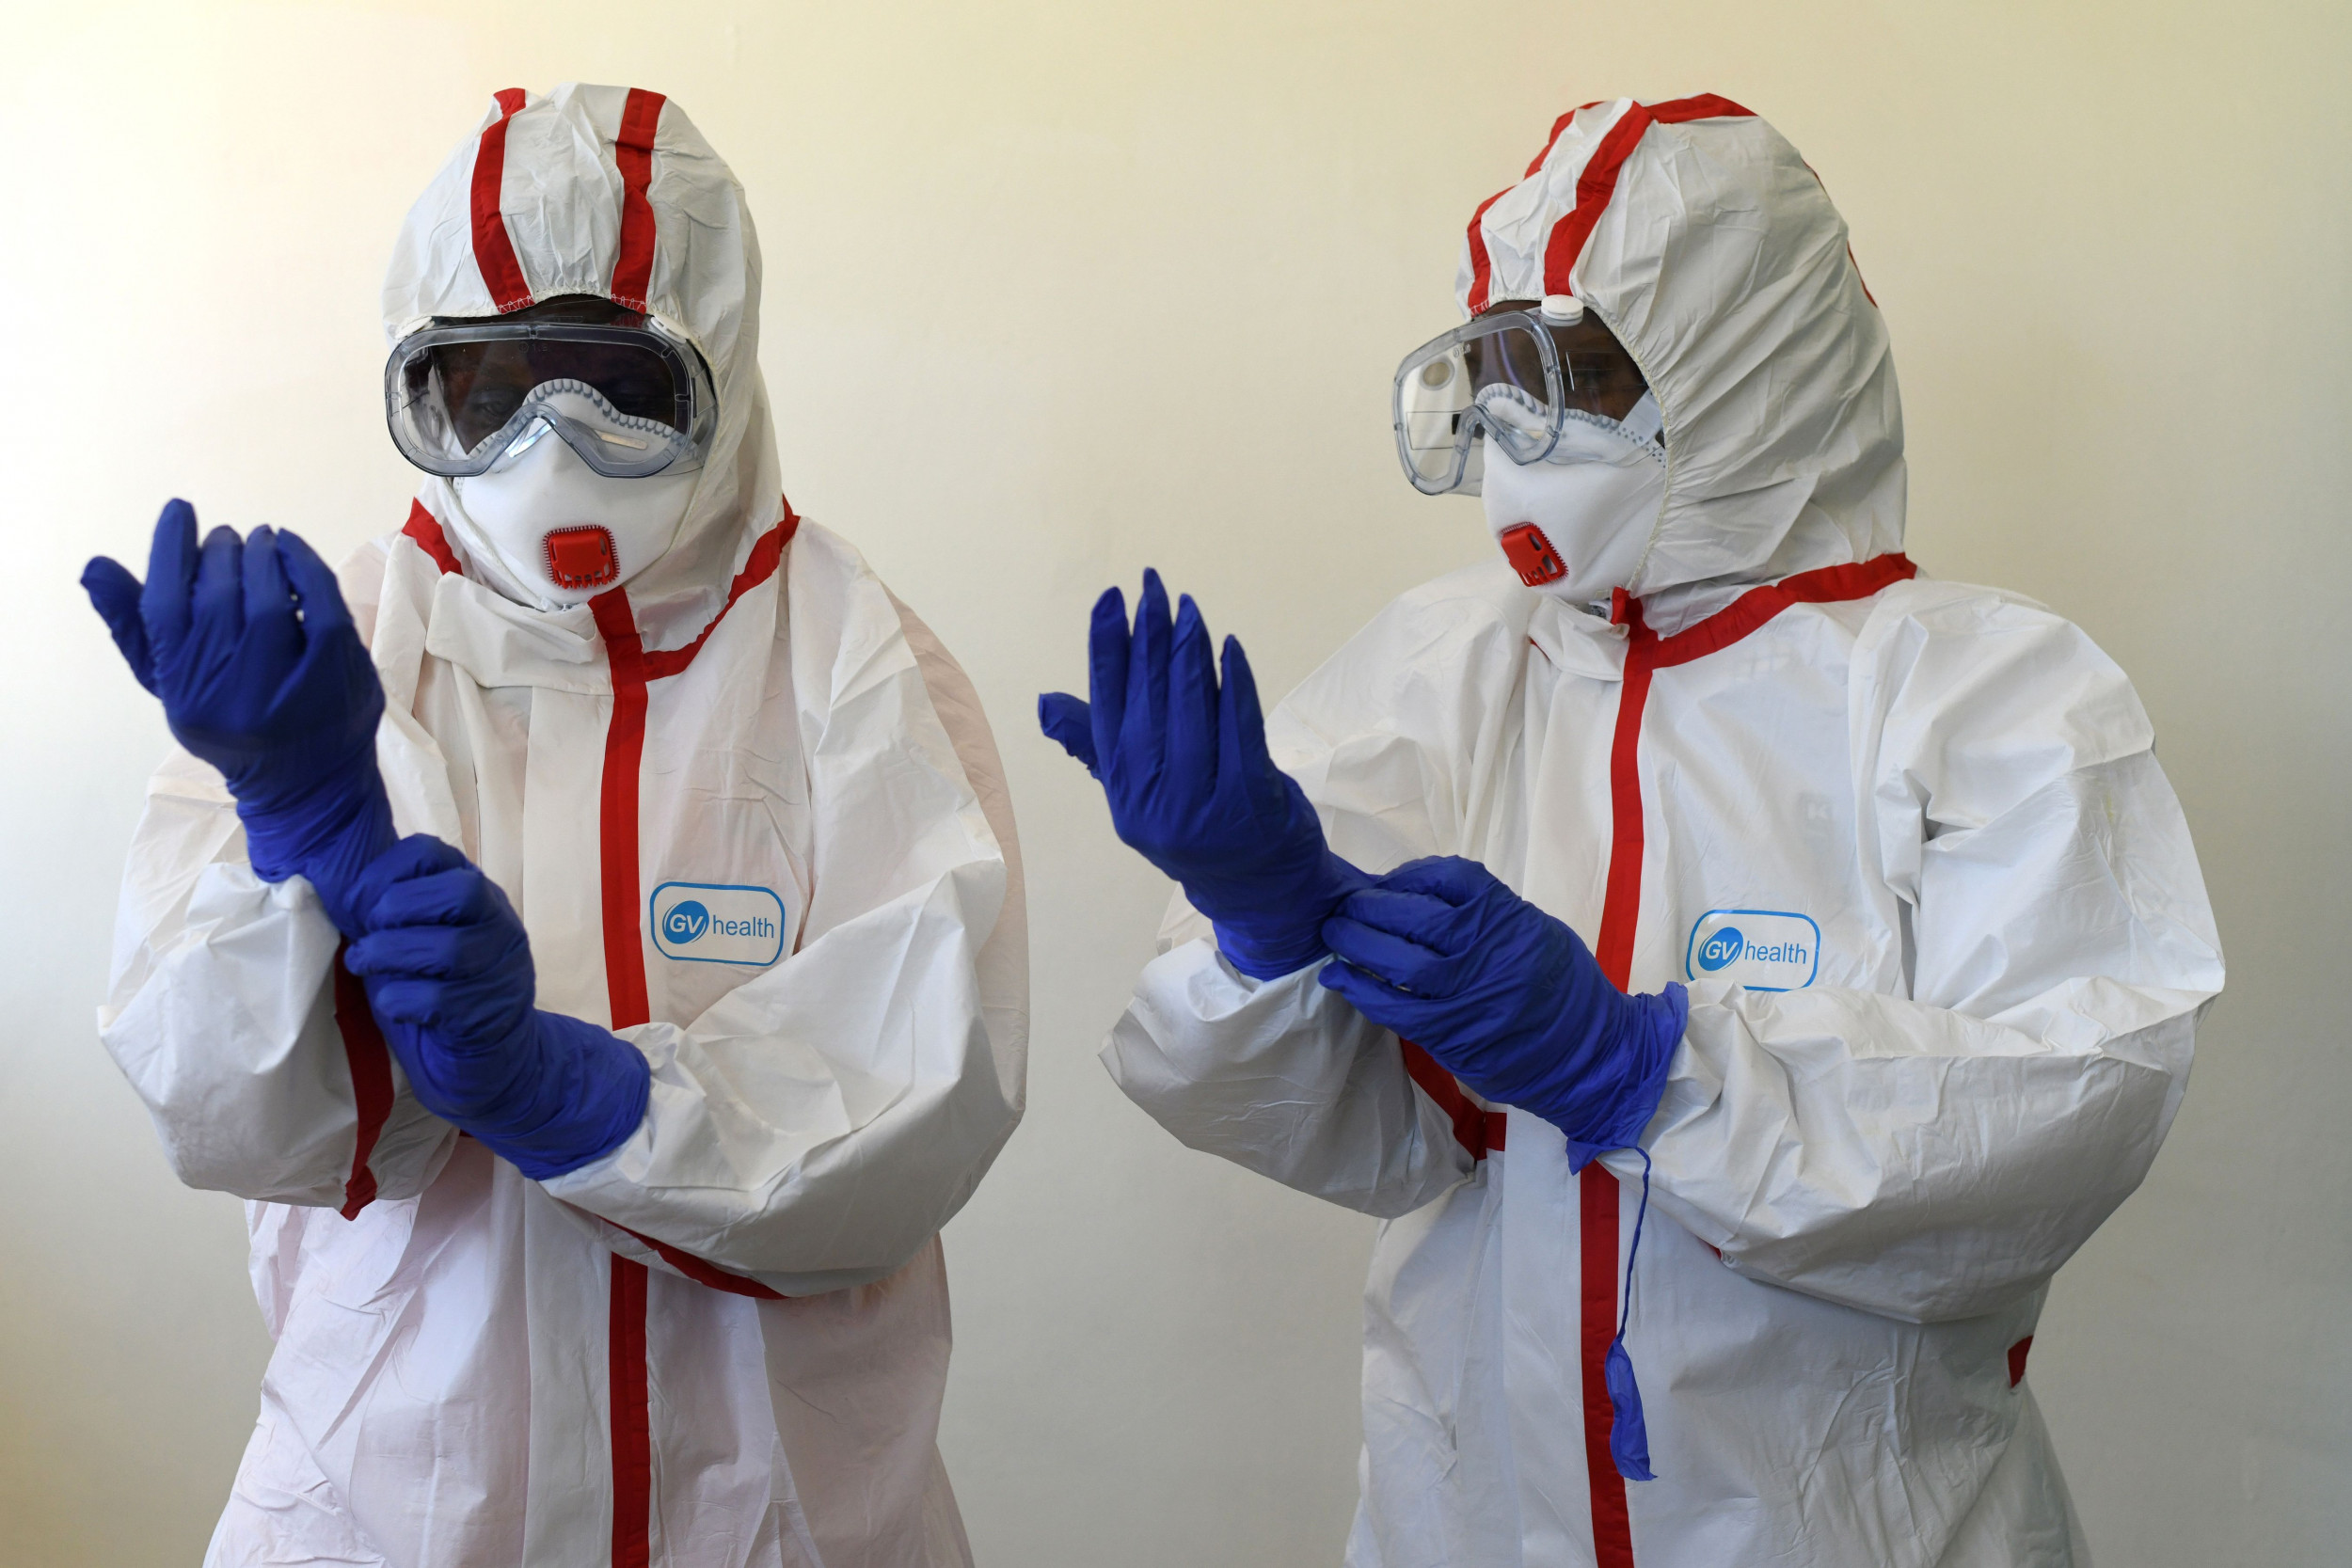 New Coronavirus Will Only Cause 'Mild Illness' In 'Vast